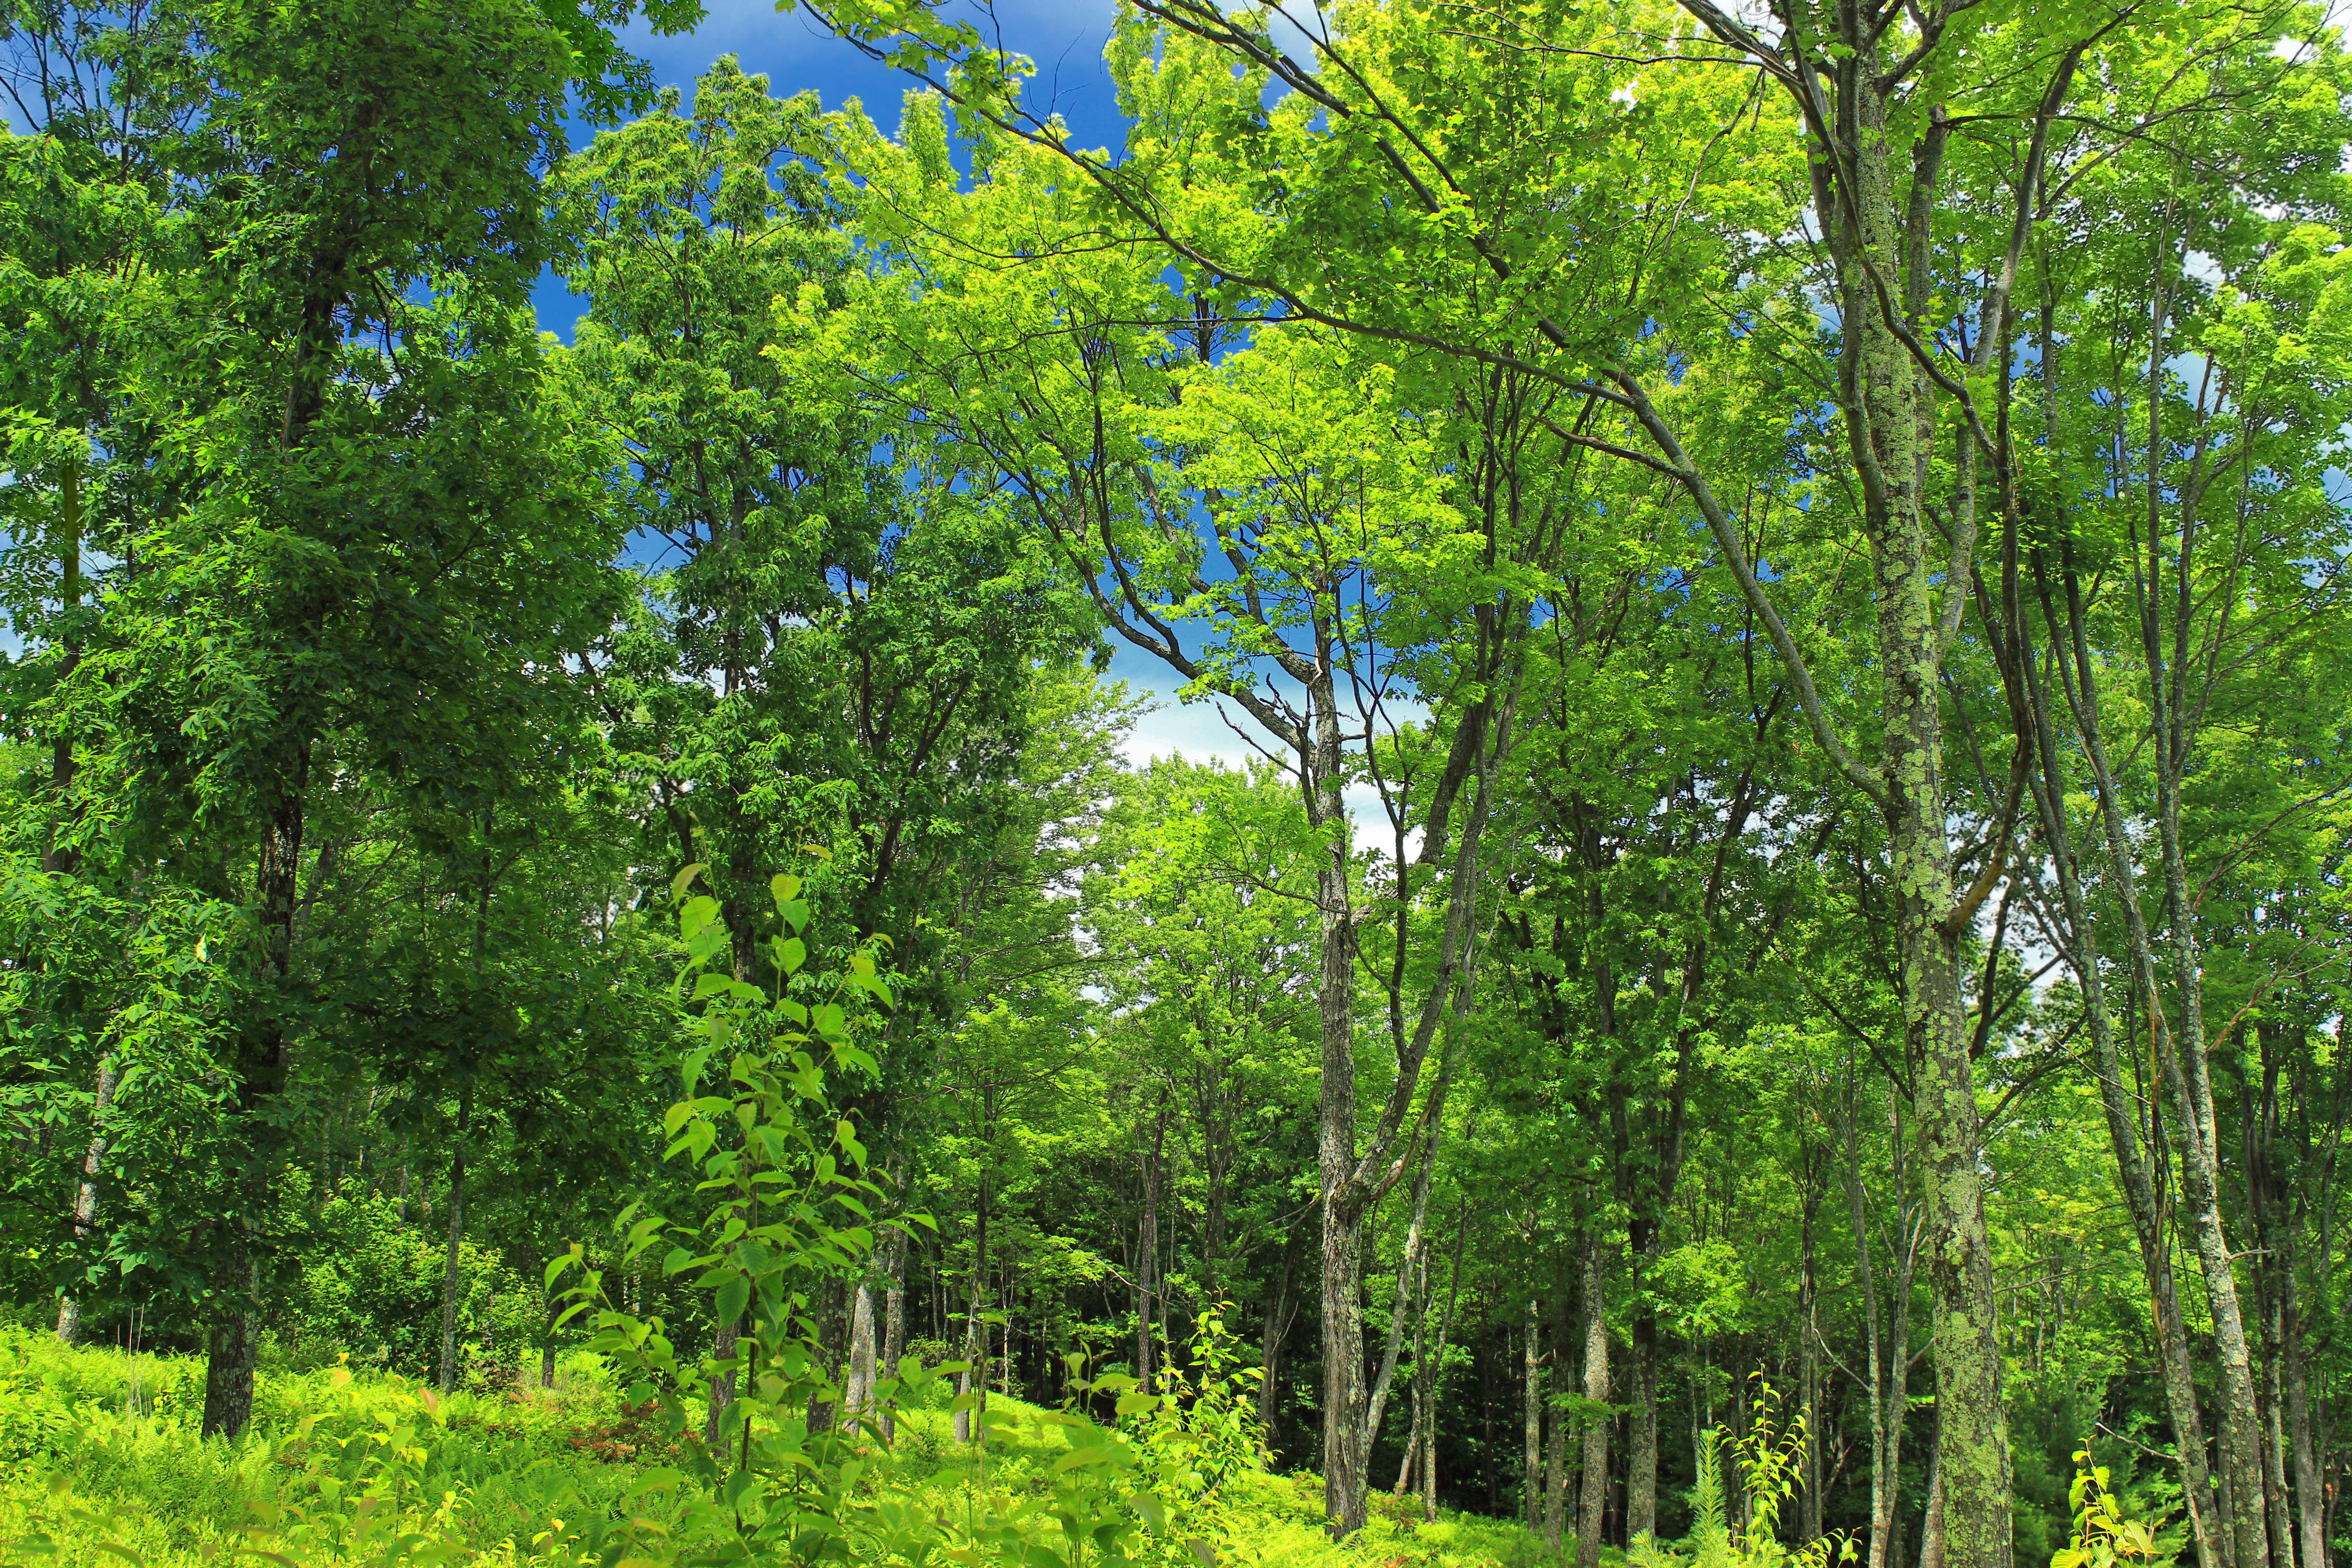 лиственный лес картинки для презентации нужно